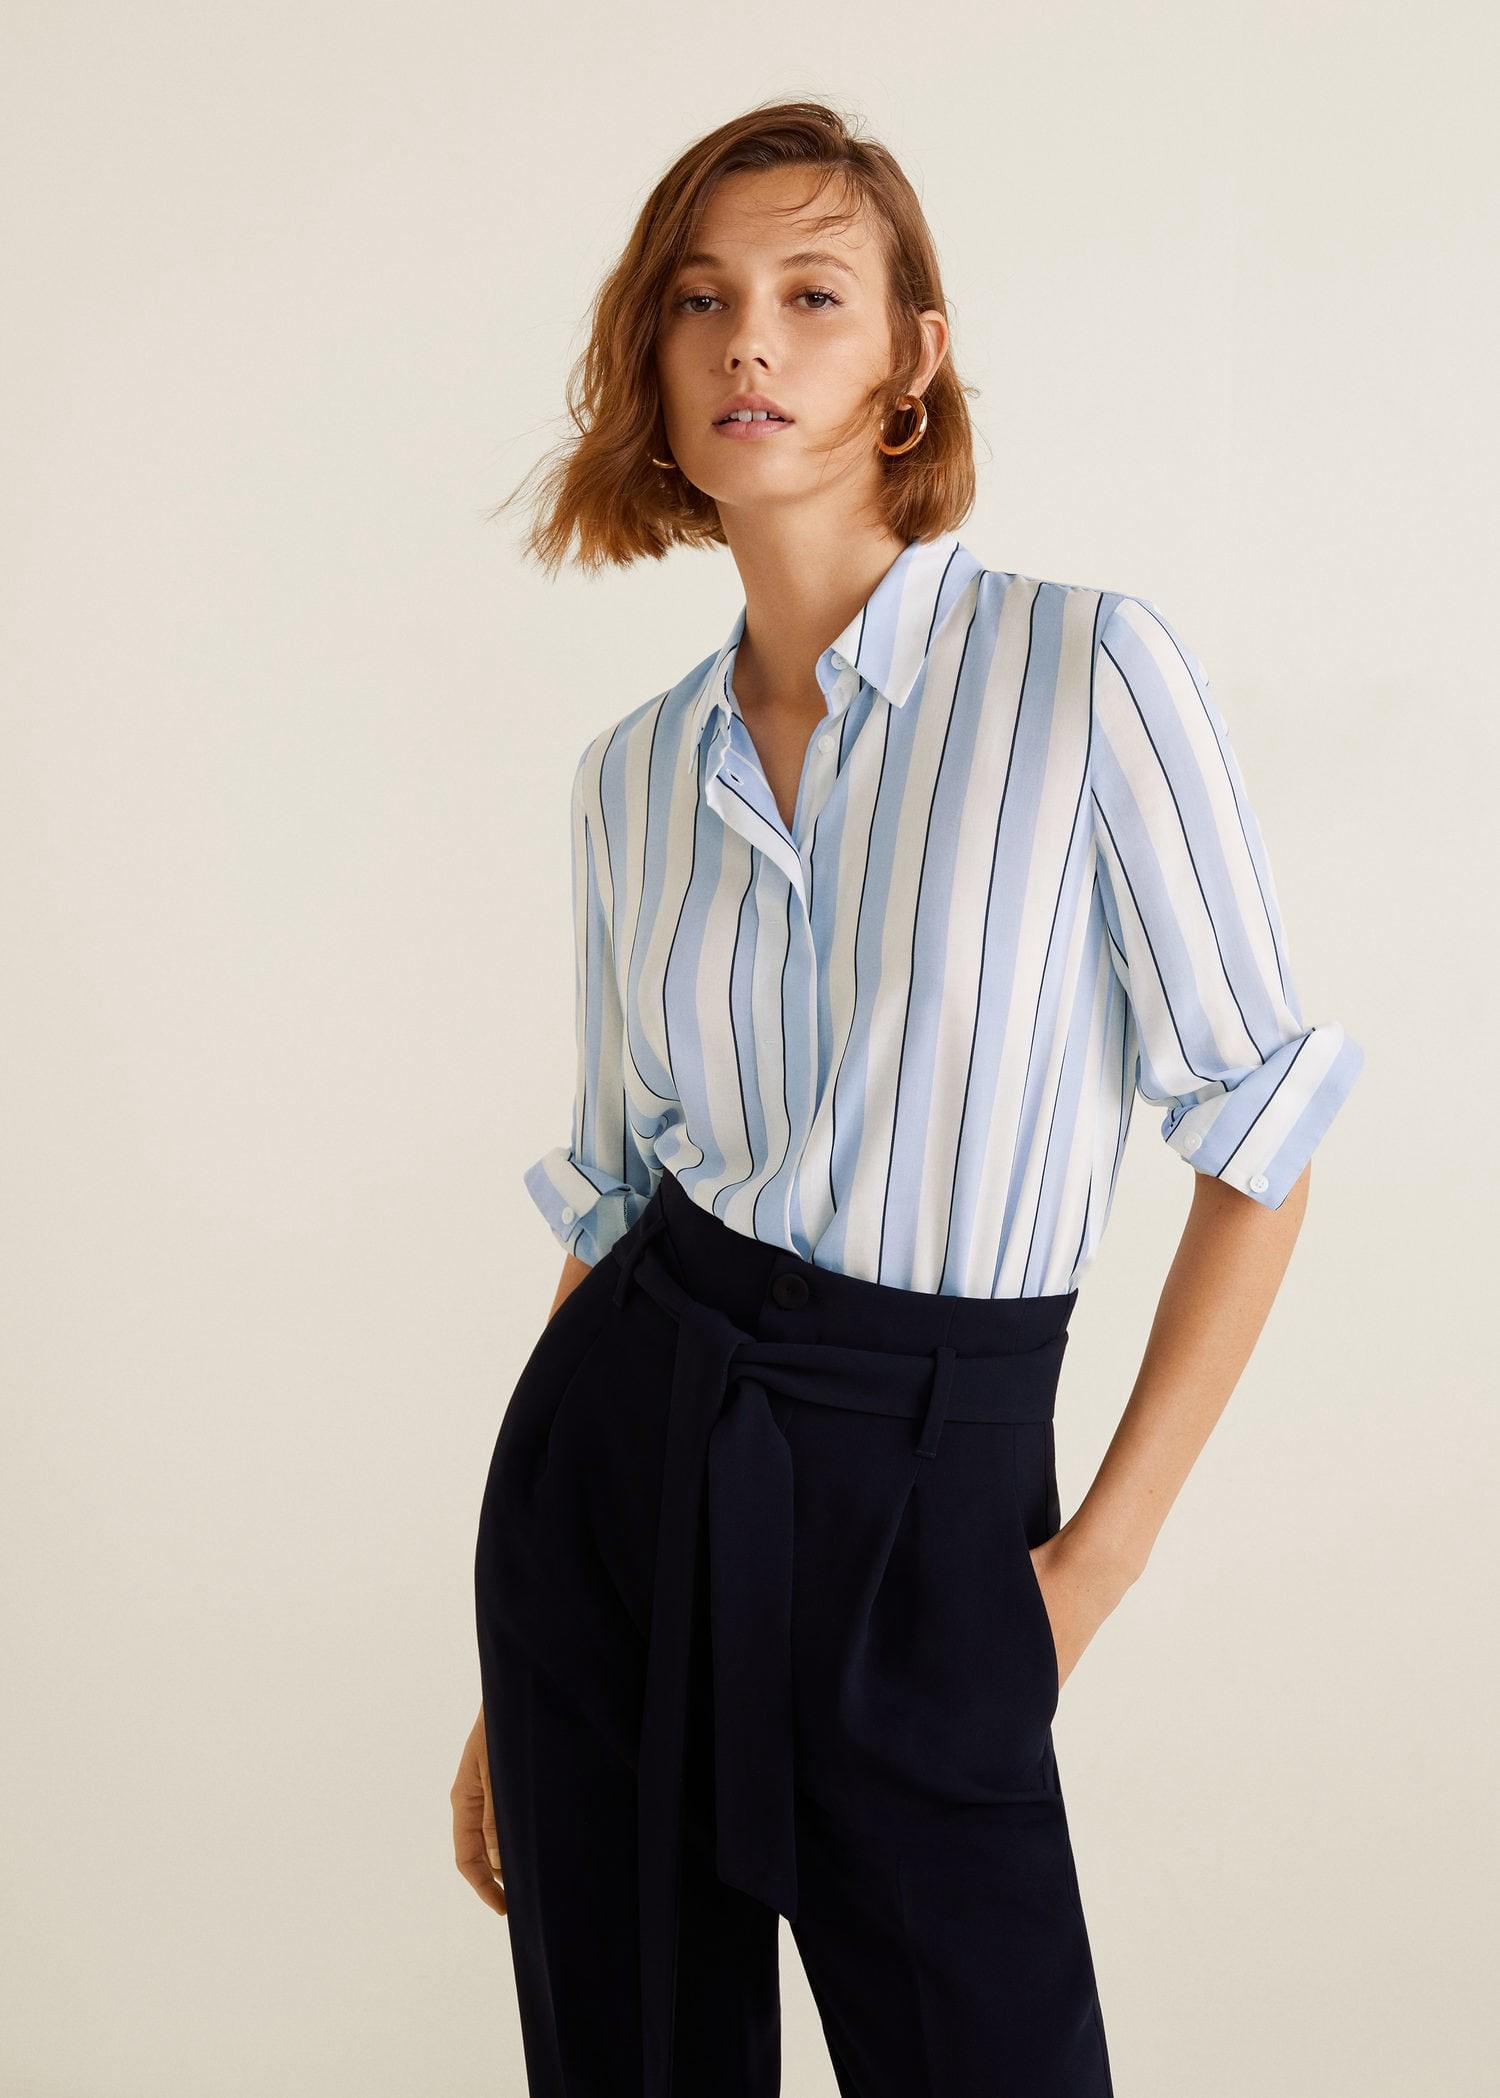 37ed41ab9450 Mango Stripe-Patterned Shirt - Caramel 8